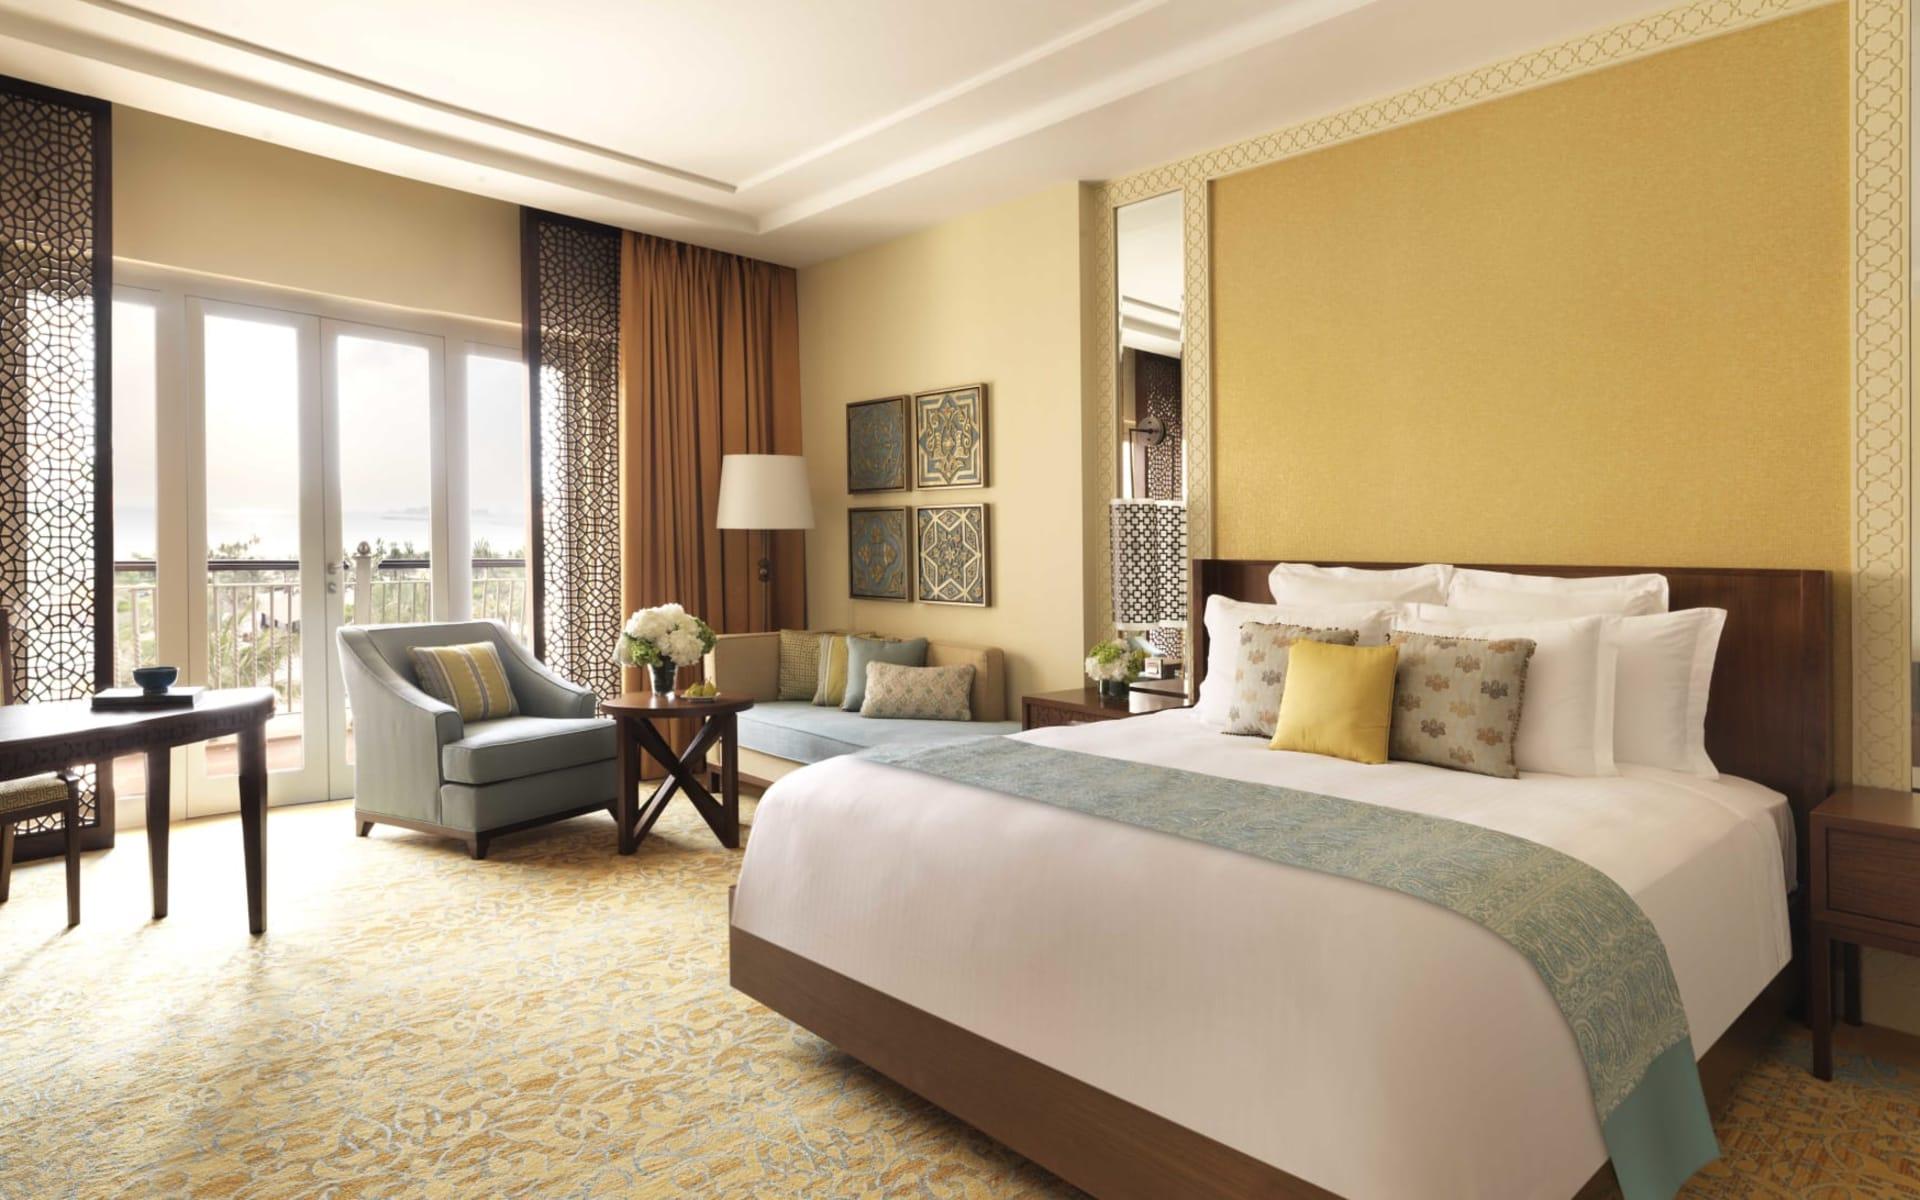 The Ritz Carlton Dubai:  The Ritz Carlton Dubai - Deluxe Room